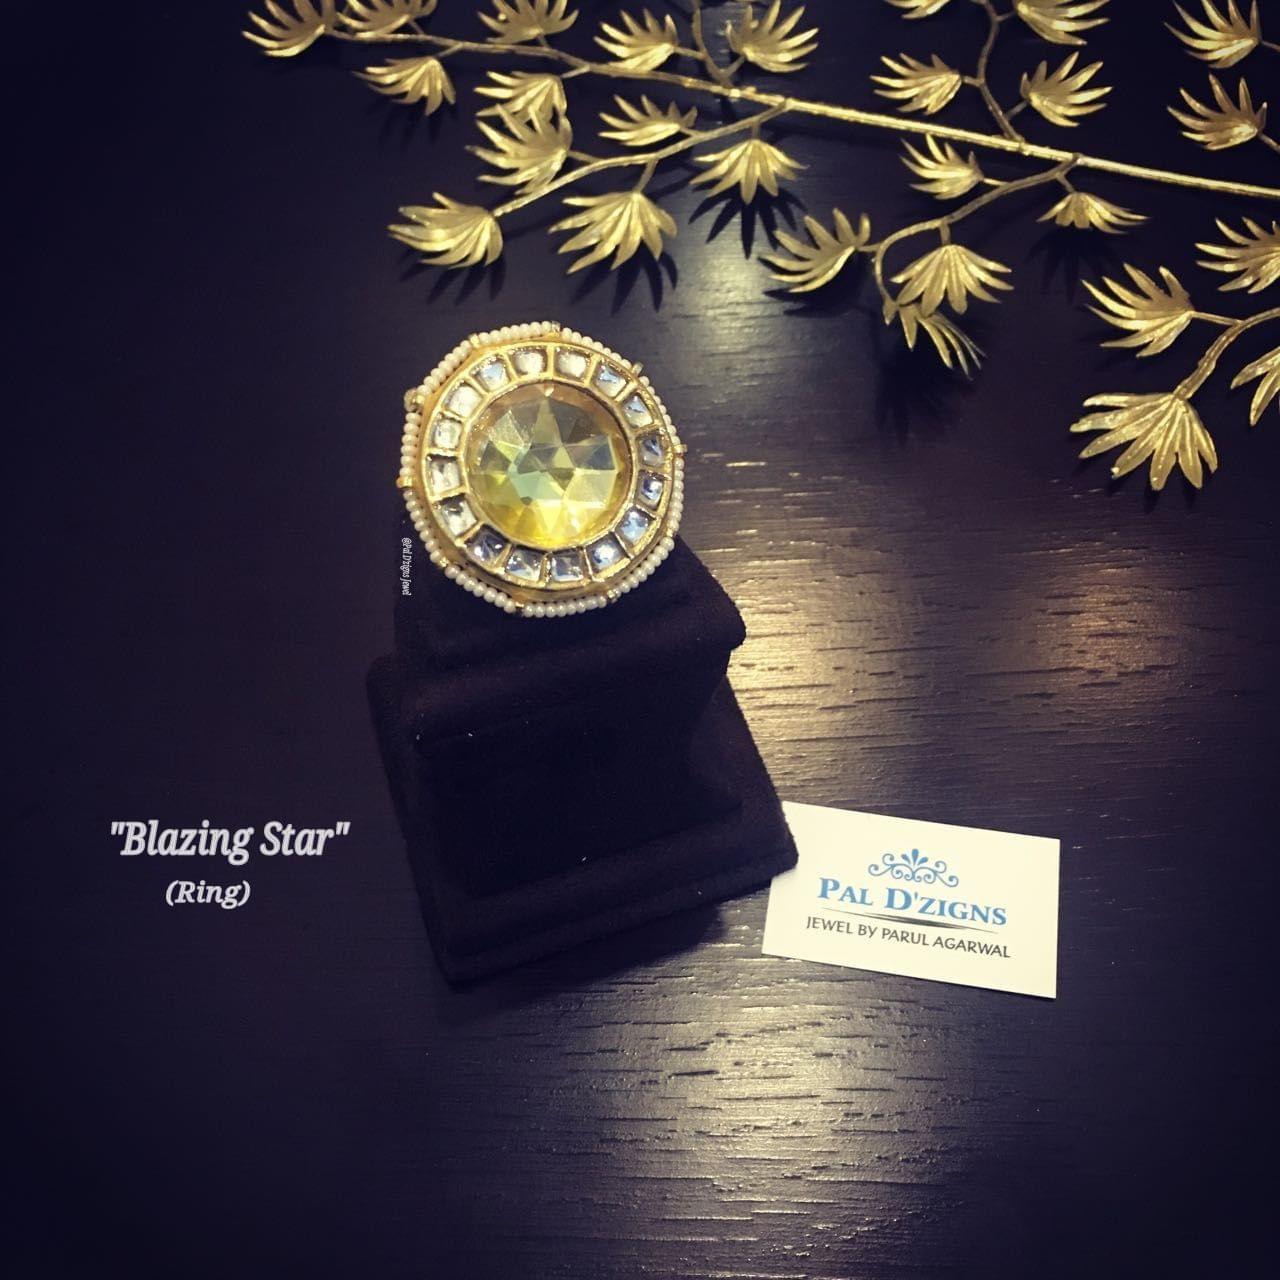 Blazing Star kundan ring